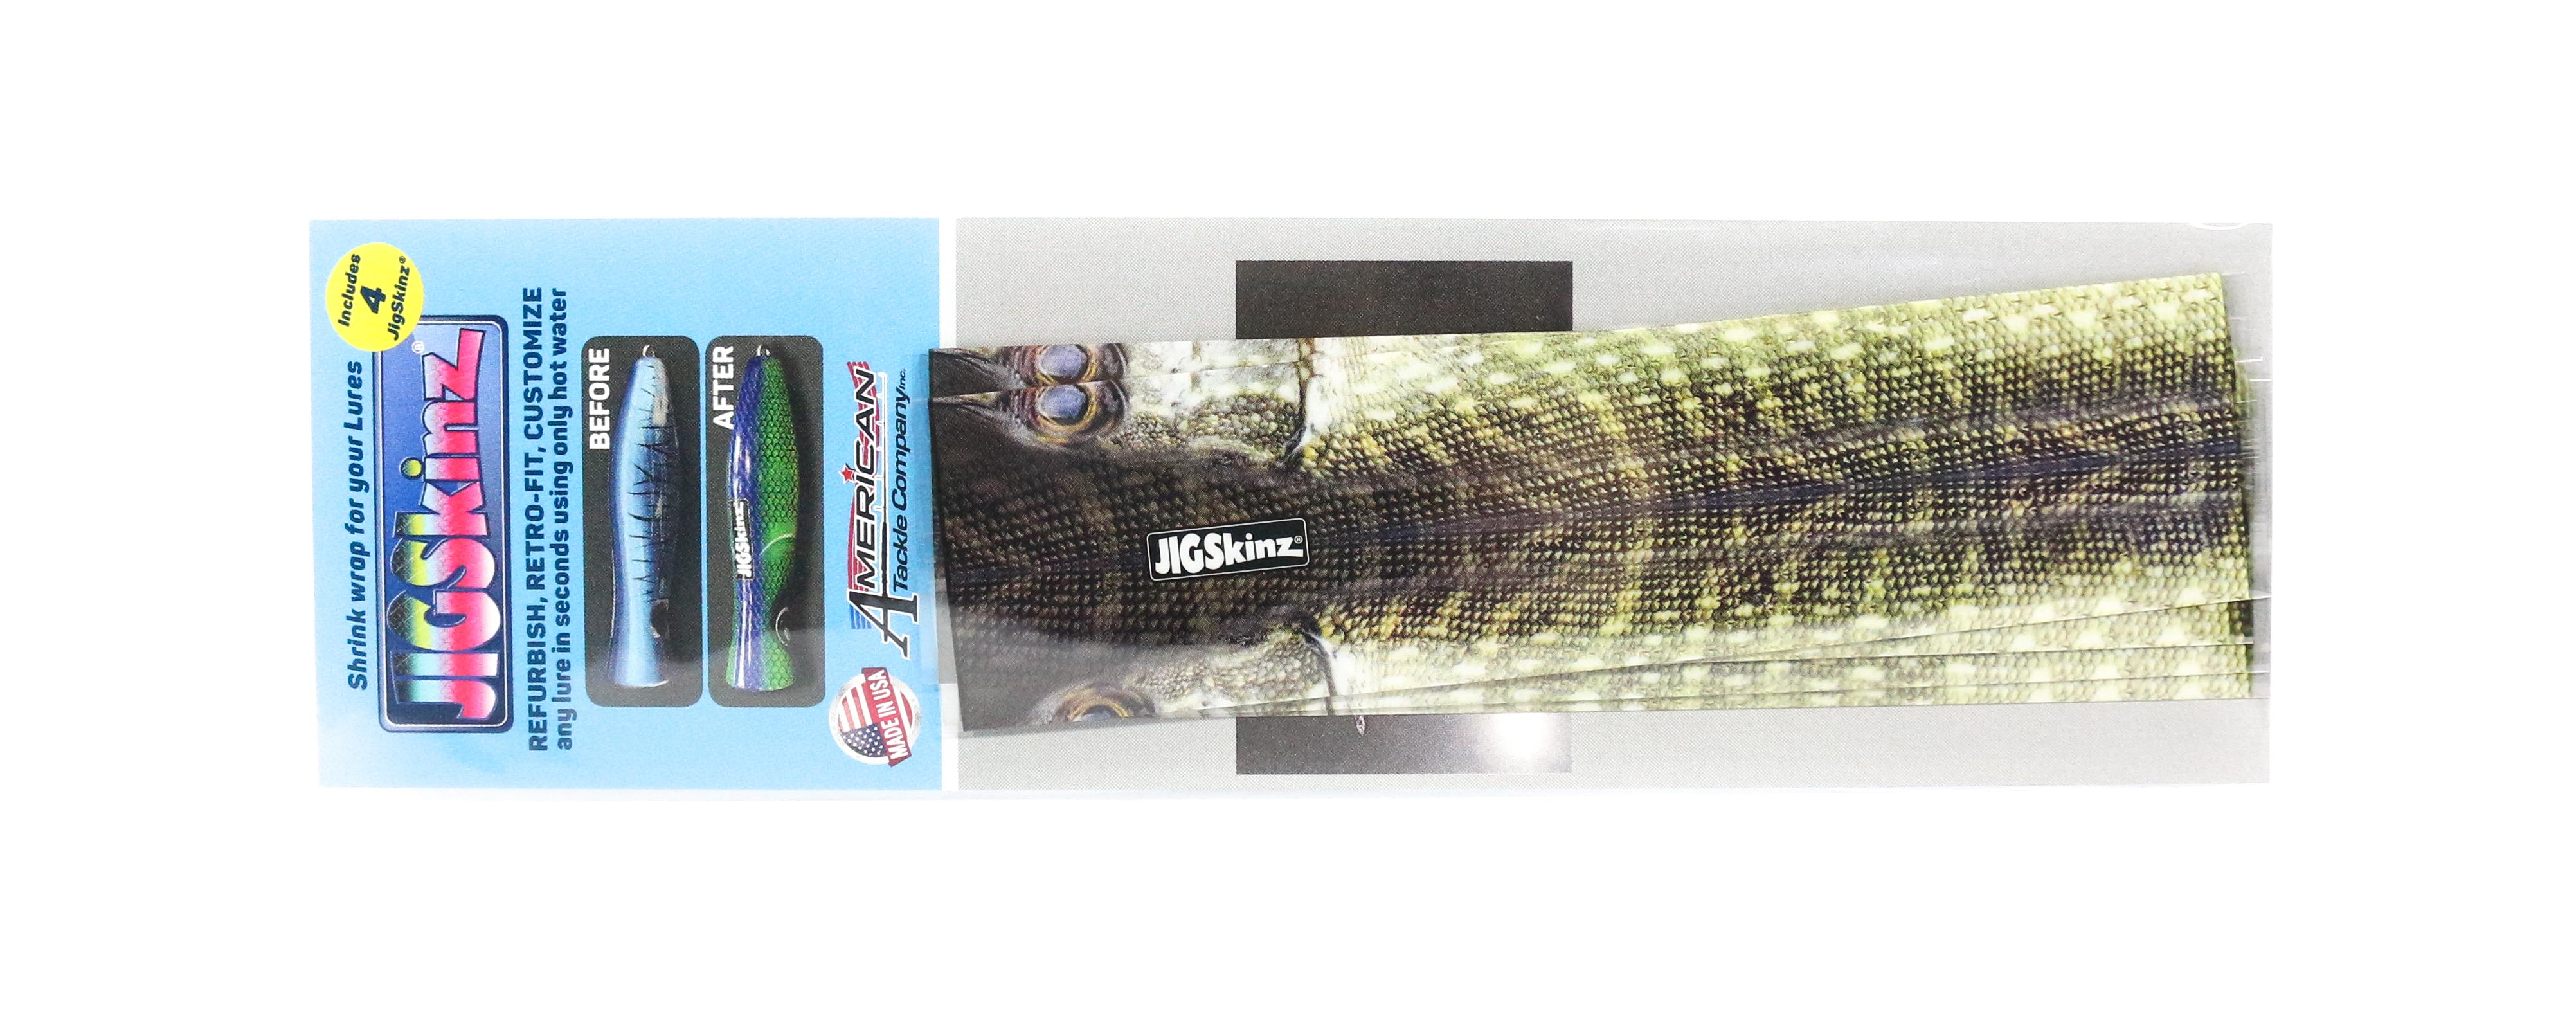 Jigskinz JZRLPK-S4 RL Pike 140 x 70mm x 4 pieces Small (7912)